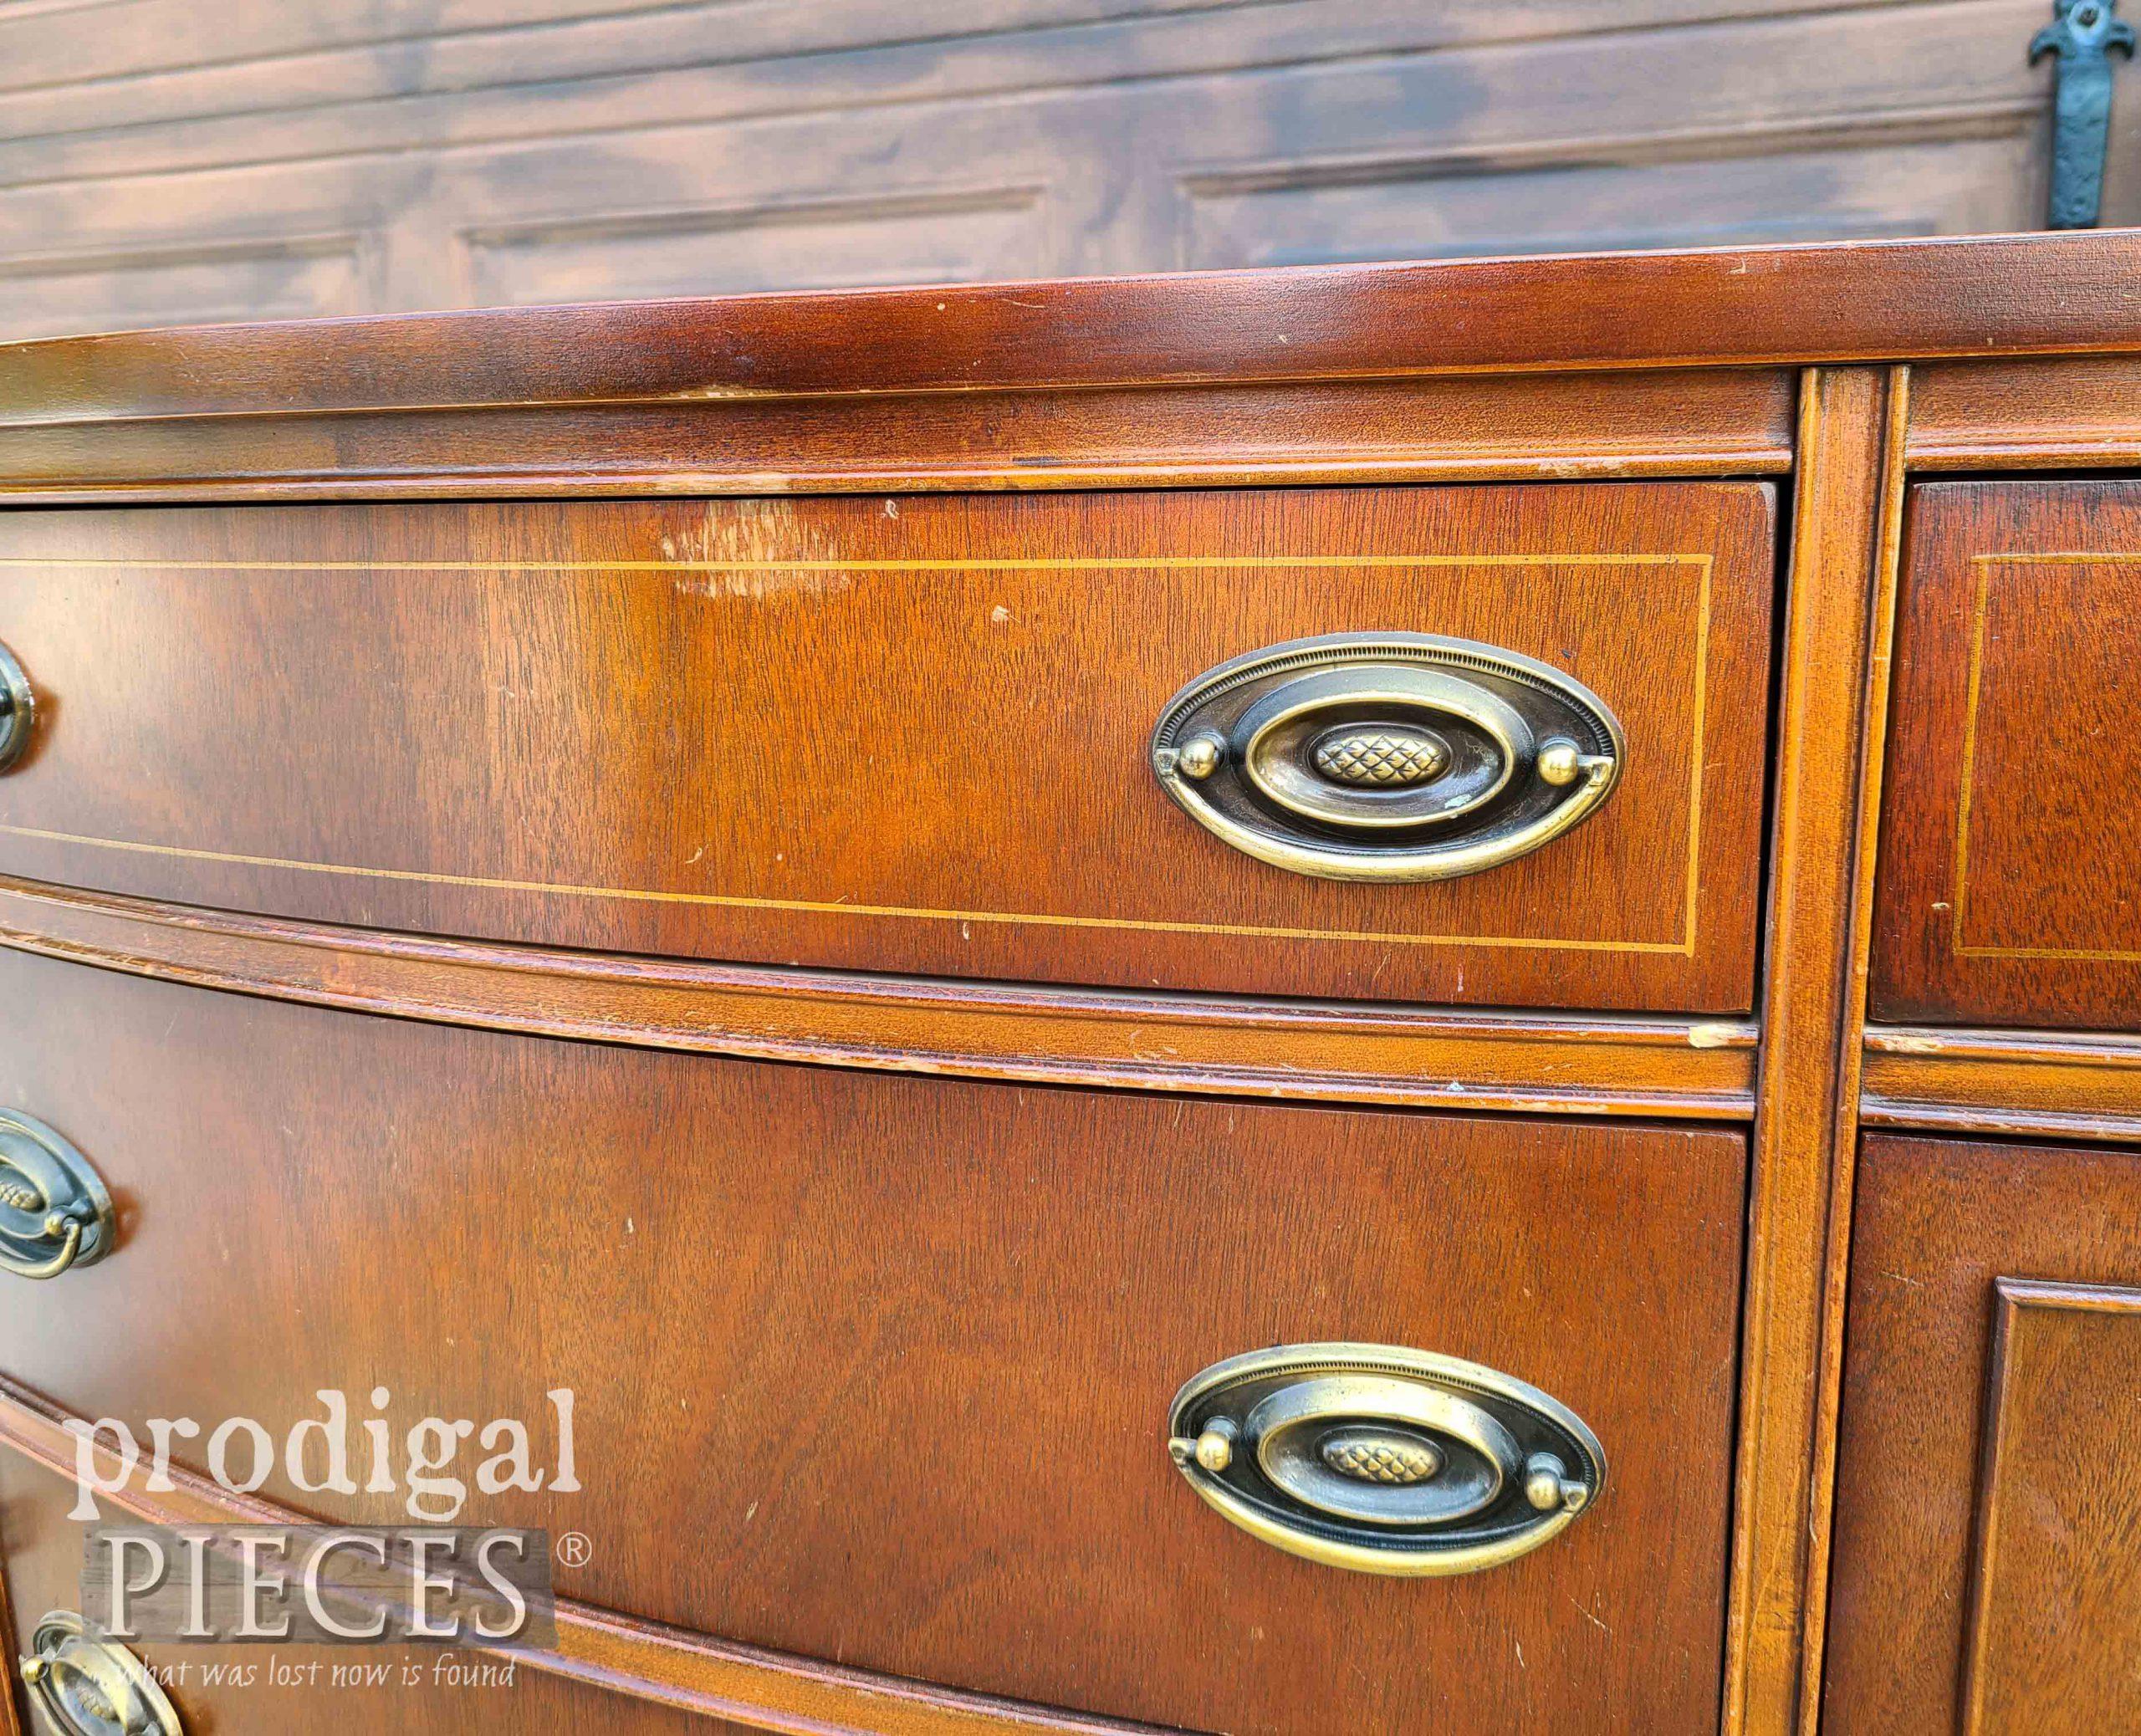 Bassett Buffet Drawer Pulls | prodigalpieces.com